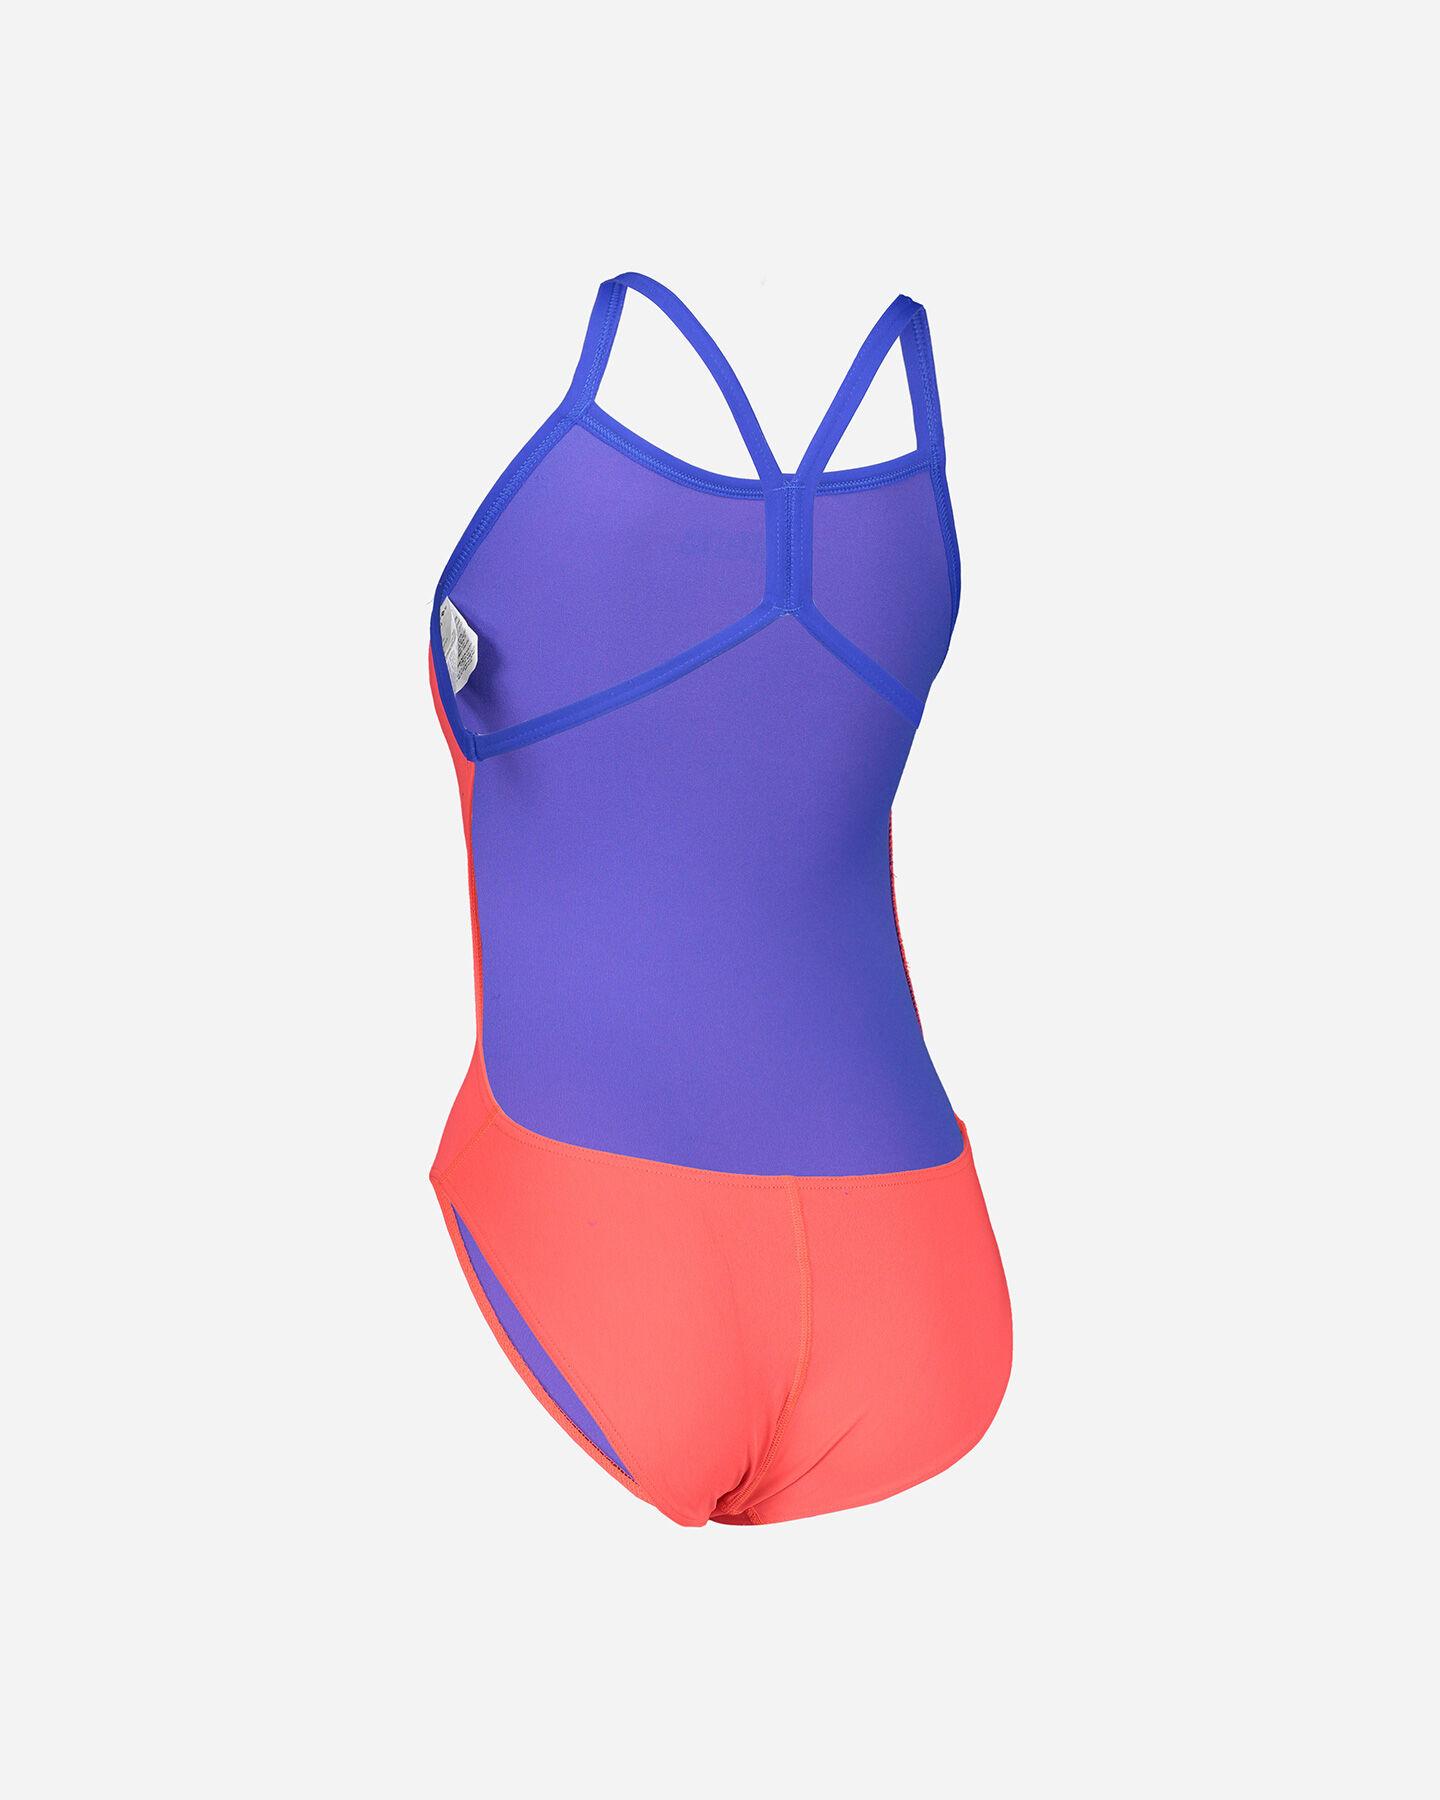 Costume piscina ARENA SOLID LIGH TECH W S5161010 scatto 1